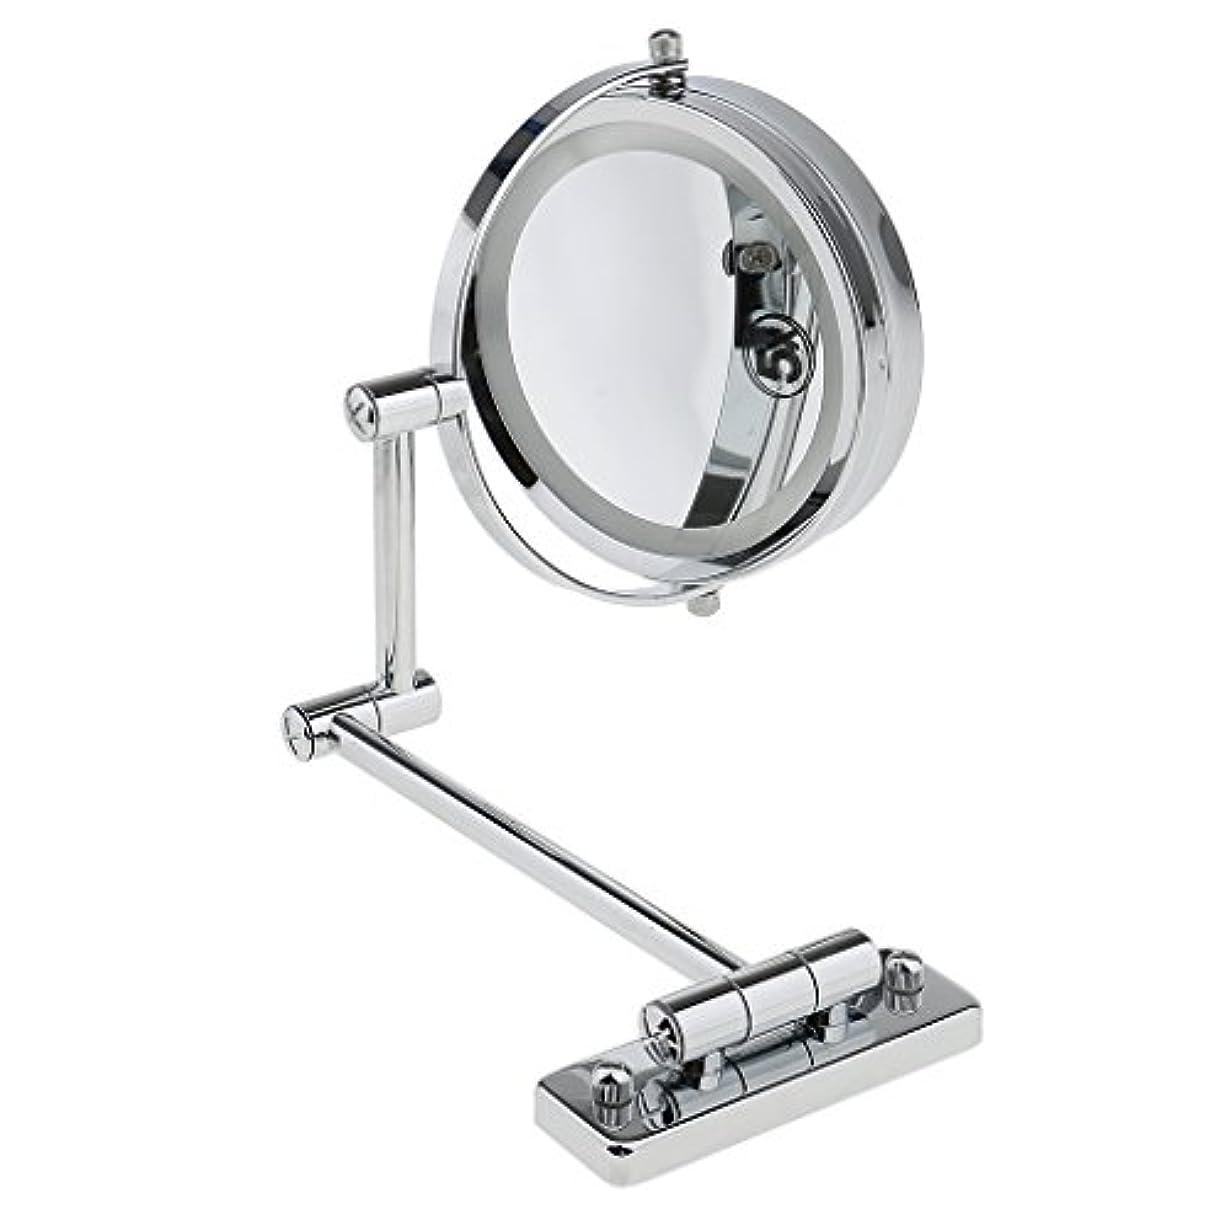 有効化独占平方KOZEEY SMDライト 両面ミラー 壁掛け式 5倍拡大鏡 360度回転 エチケットチェック